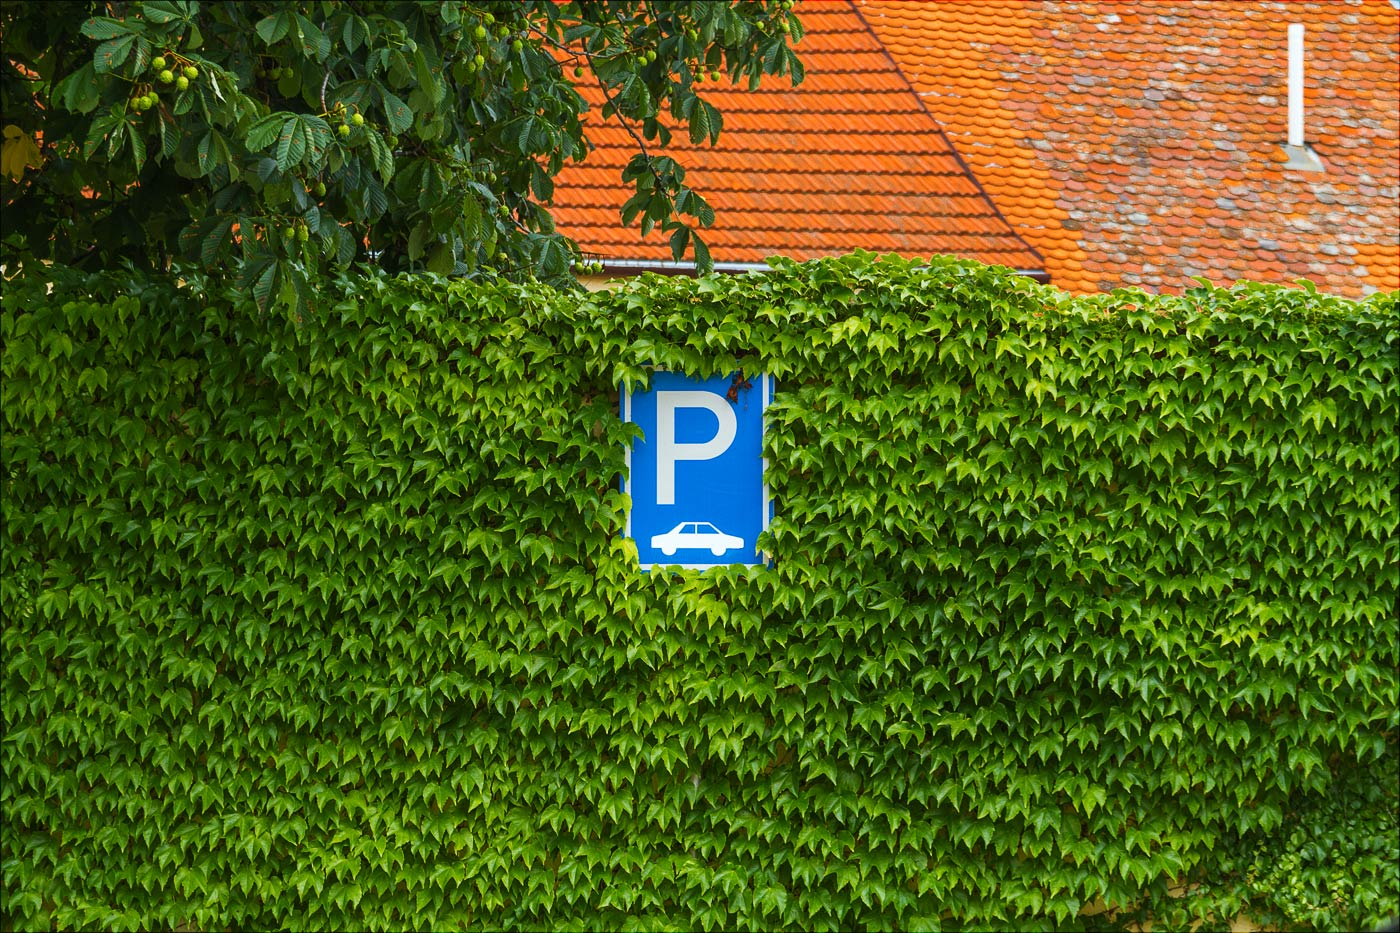 Парковка в зелени